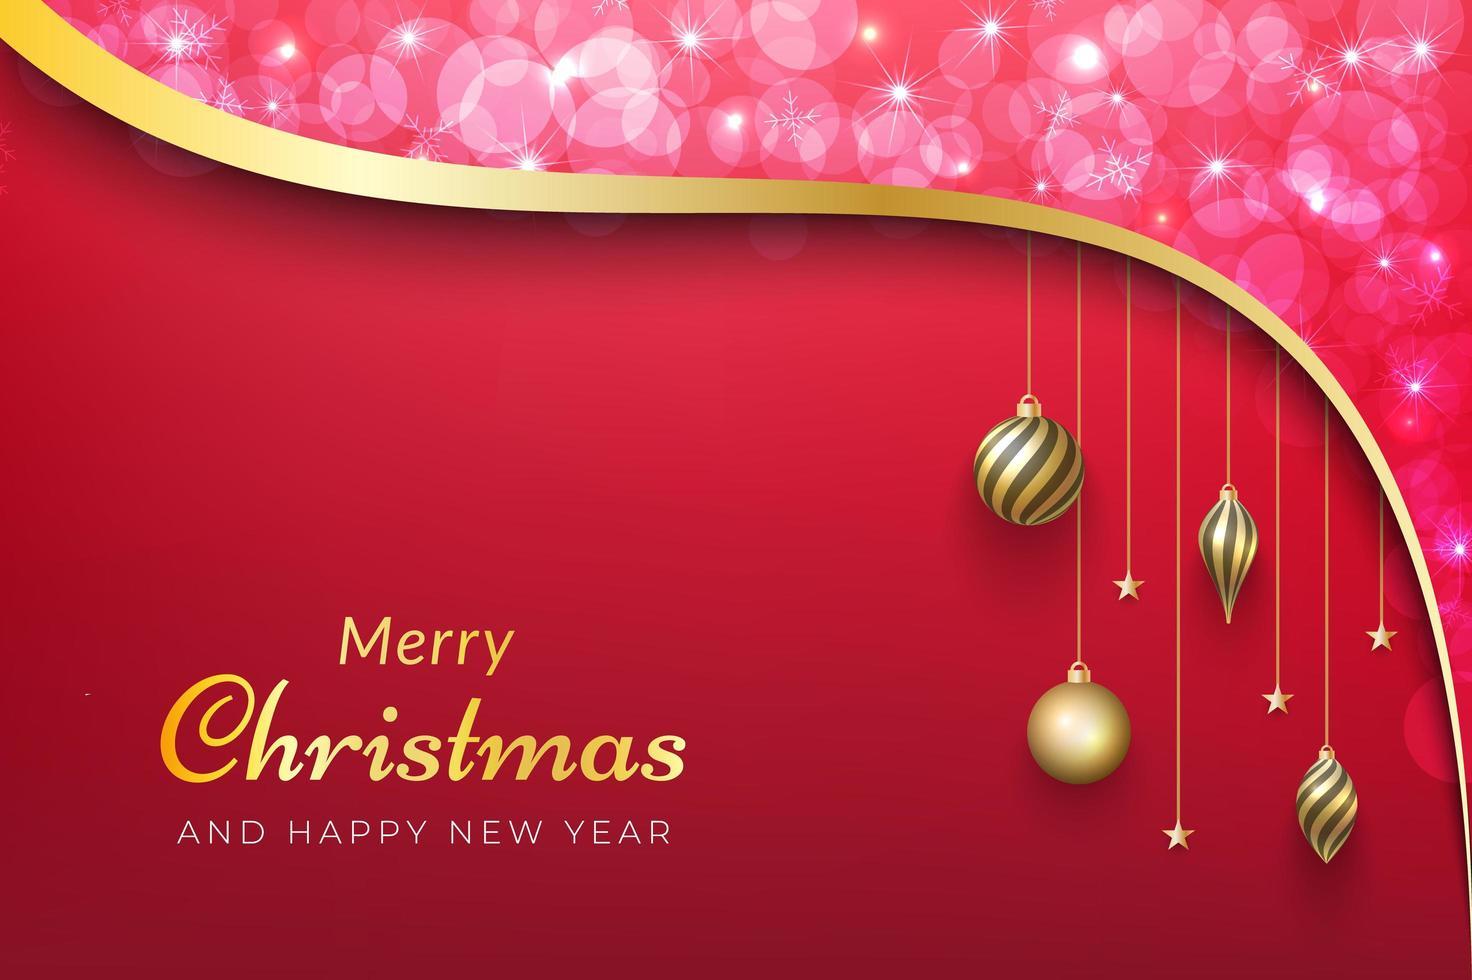 fond de Noël avec bokeh rose, ruban d'or et ornements vecteur